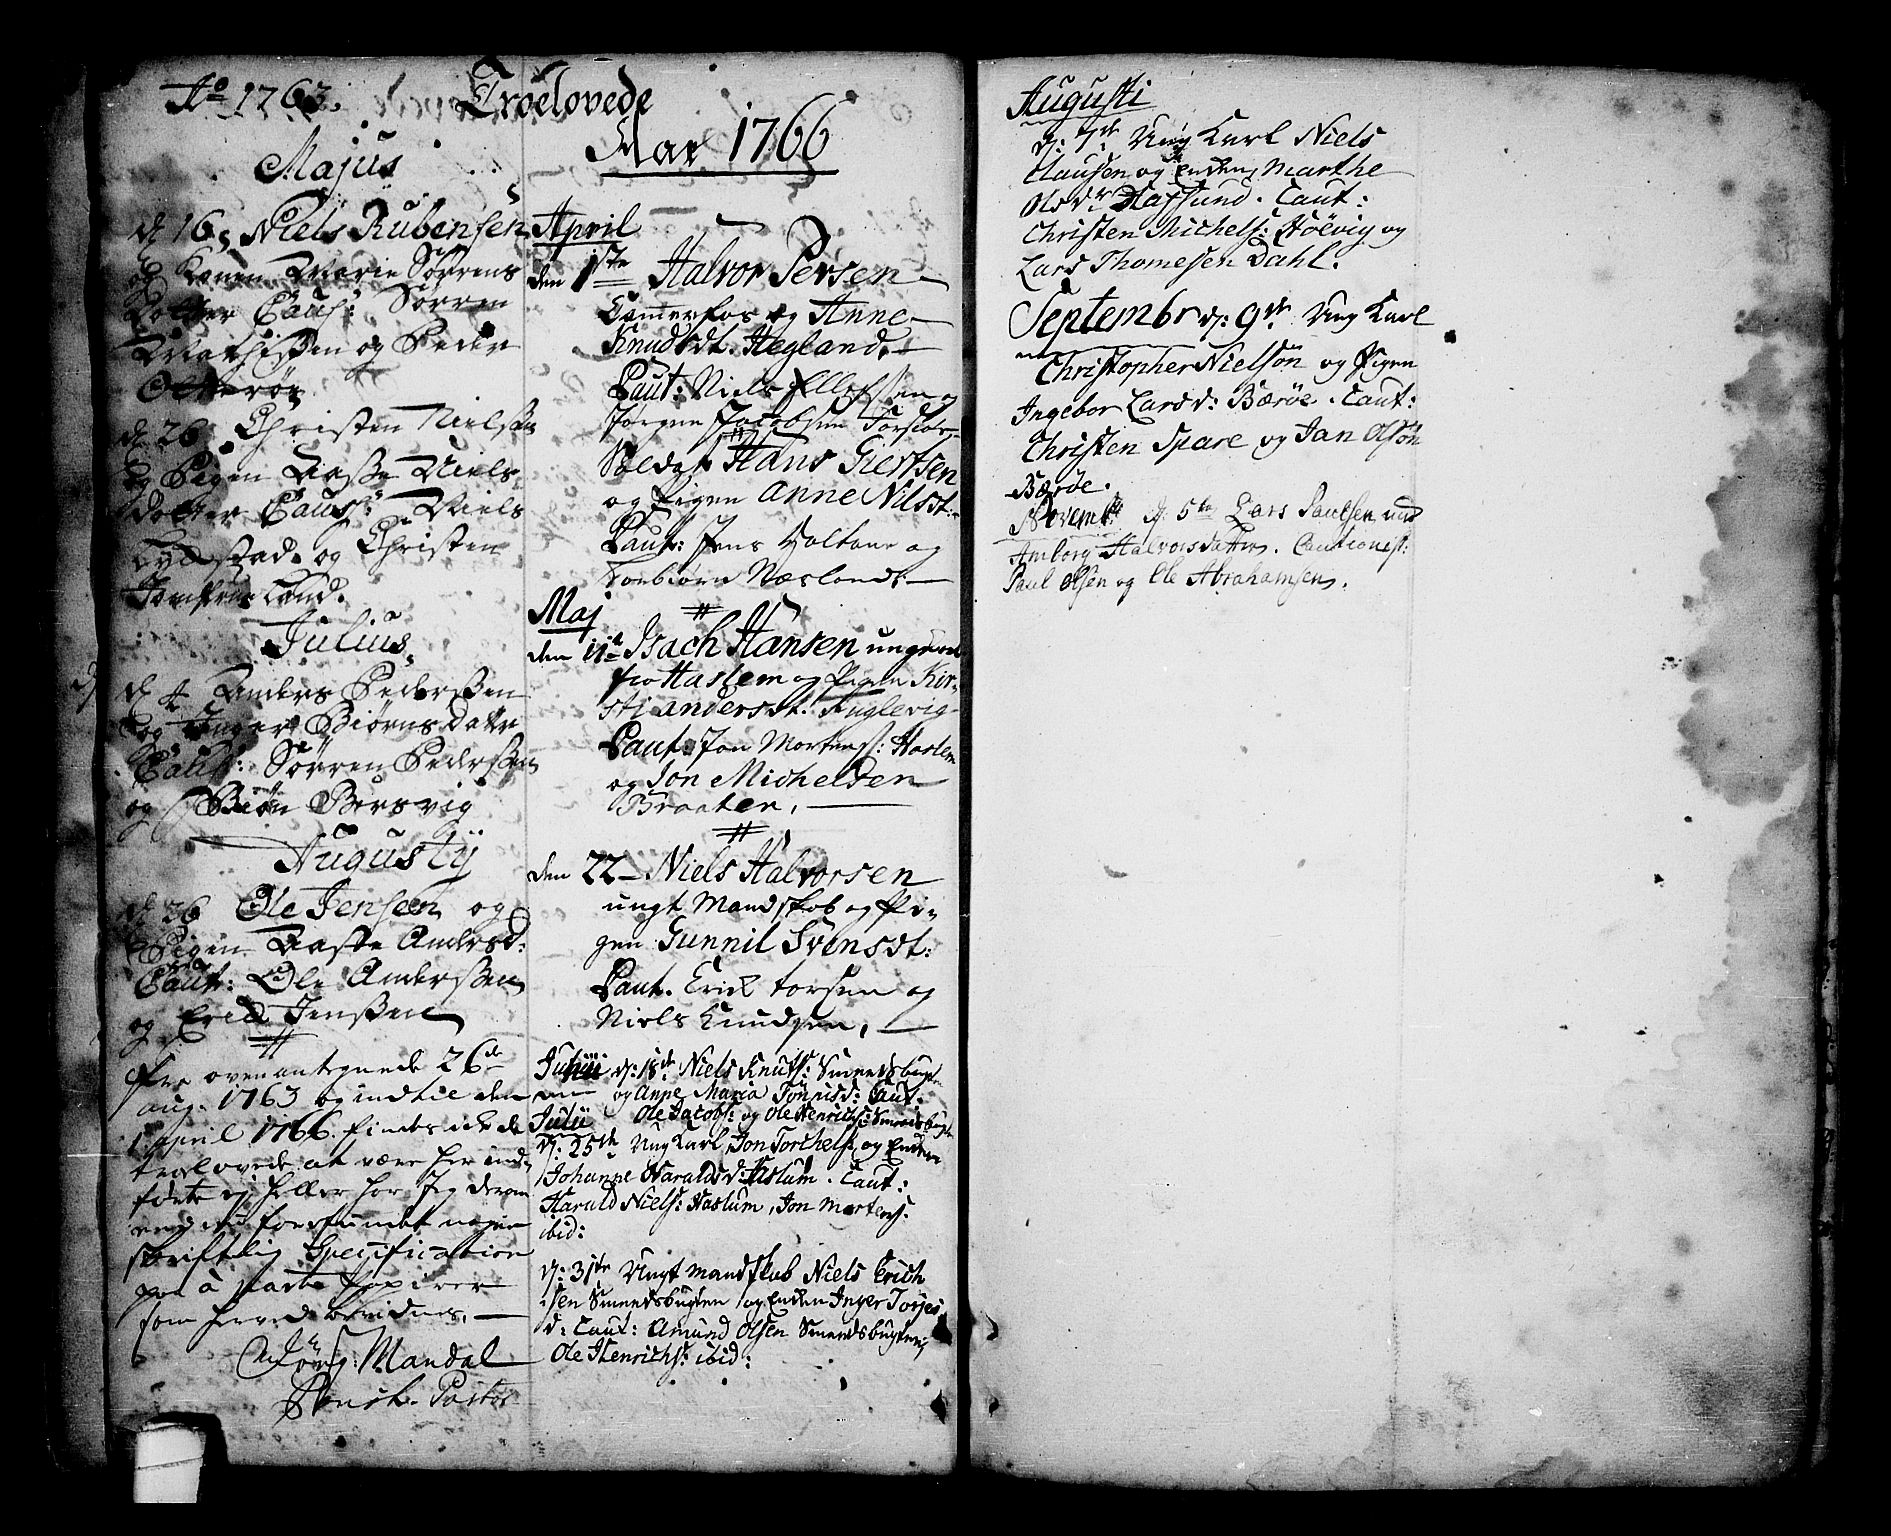 SAKO, Sannidal kirkebøker, F/Fa/L0001: Ministerialbok nr. 1, 1702-1766, s. 30-31